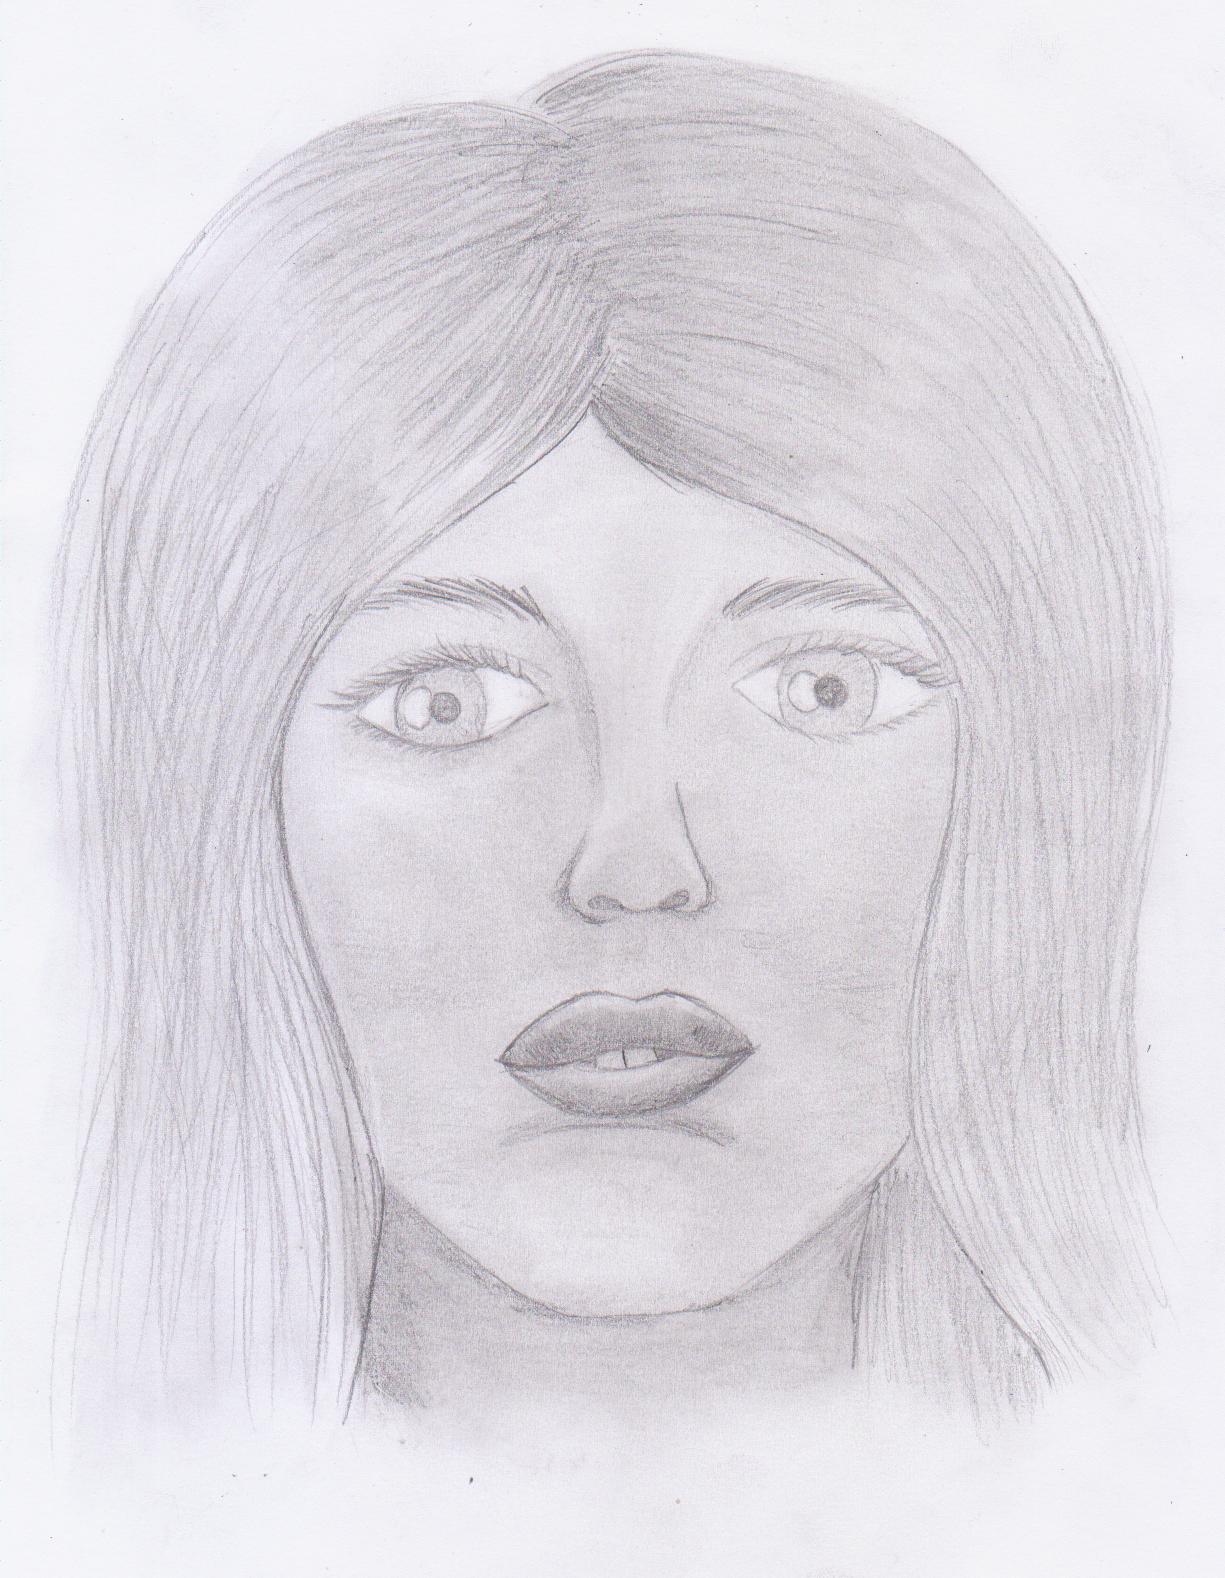 Und wieder mal ein Versuch eines Portraits, diesmal frontal